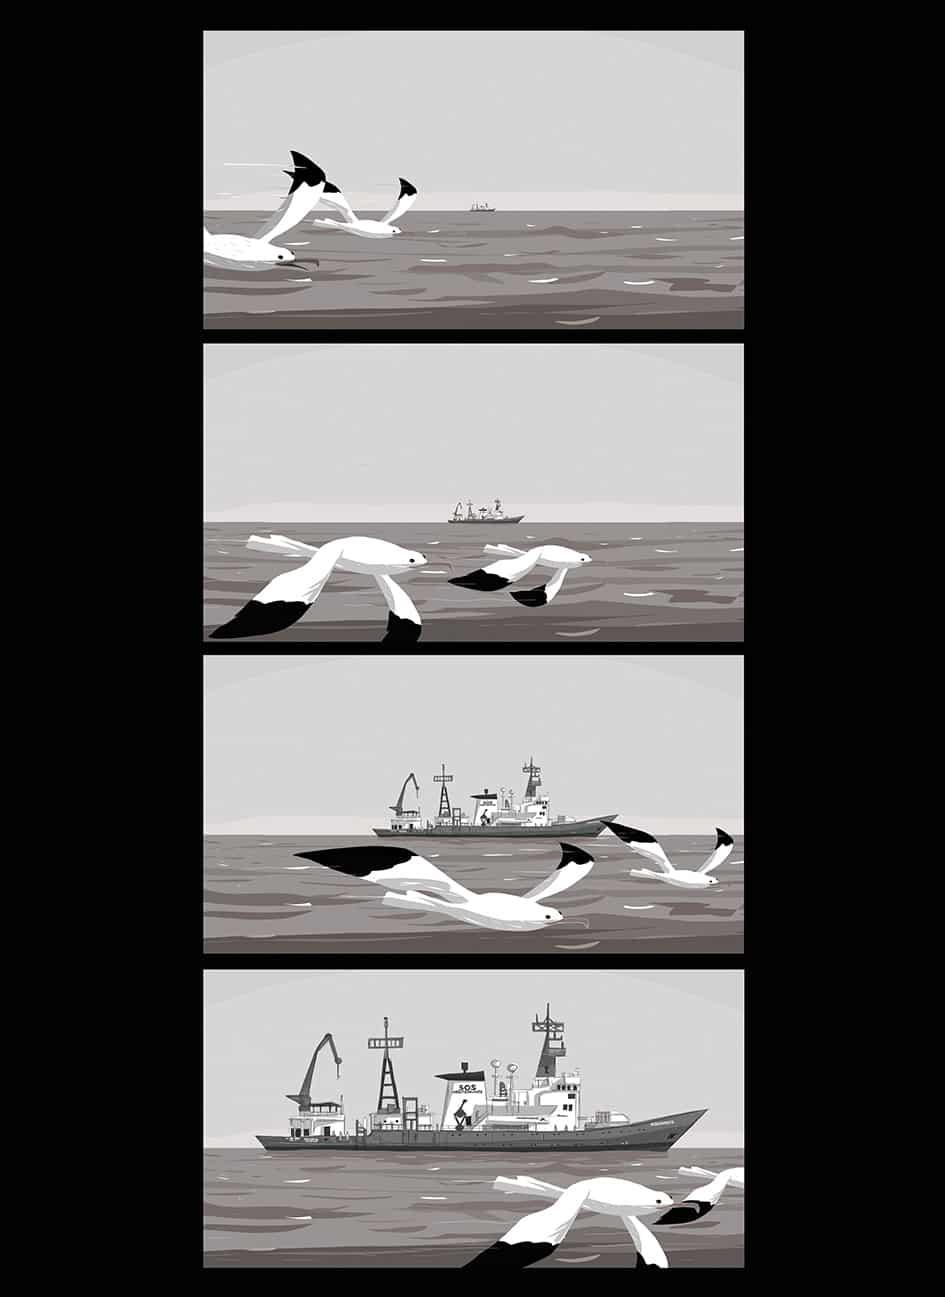 Salvezza: il fumetto realizzato su una nave di soccorso migranti_Notizie